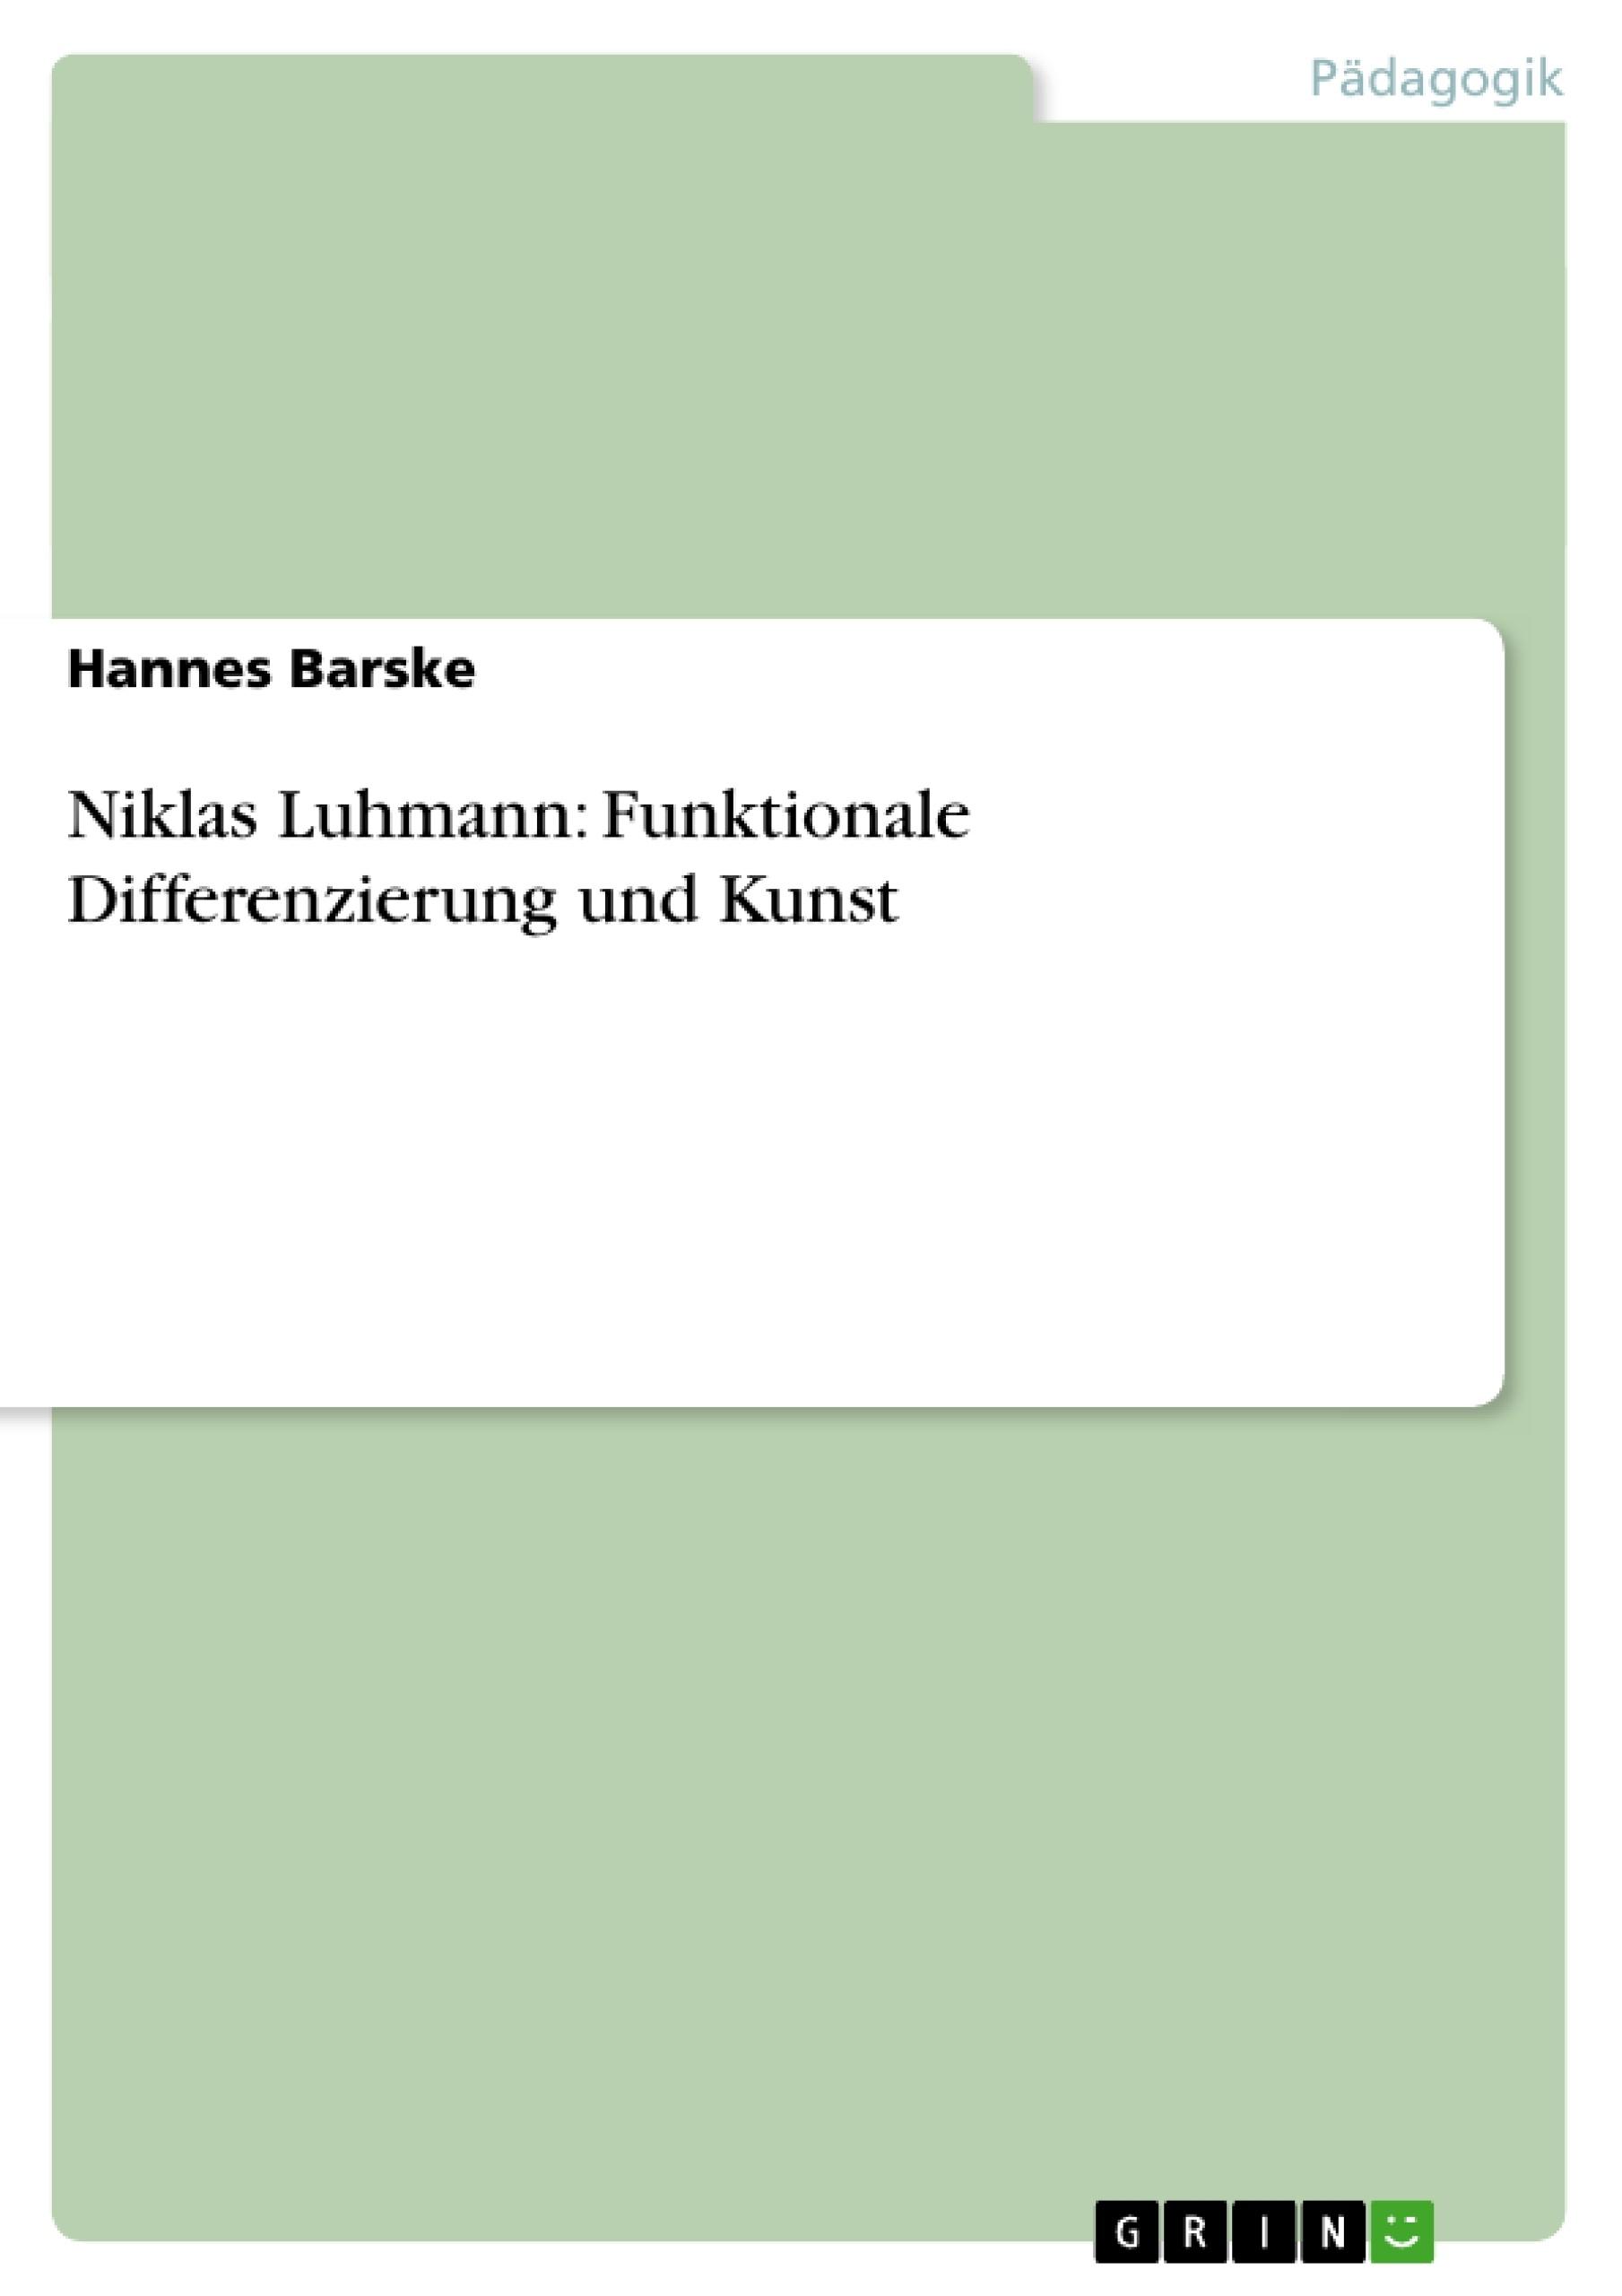 Titel: Niklas Luhmann: Funktionale Differenzierung und Kunst